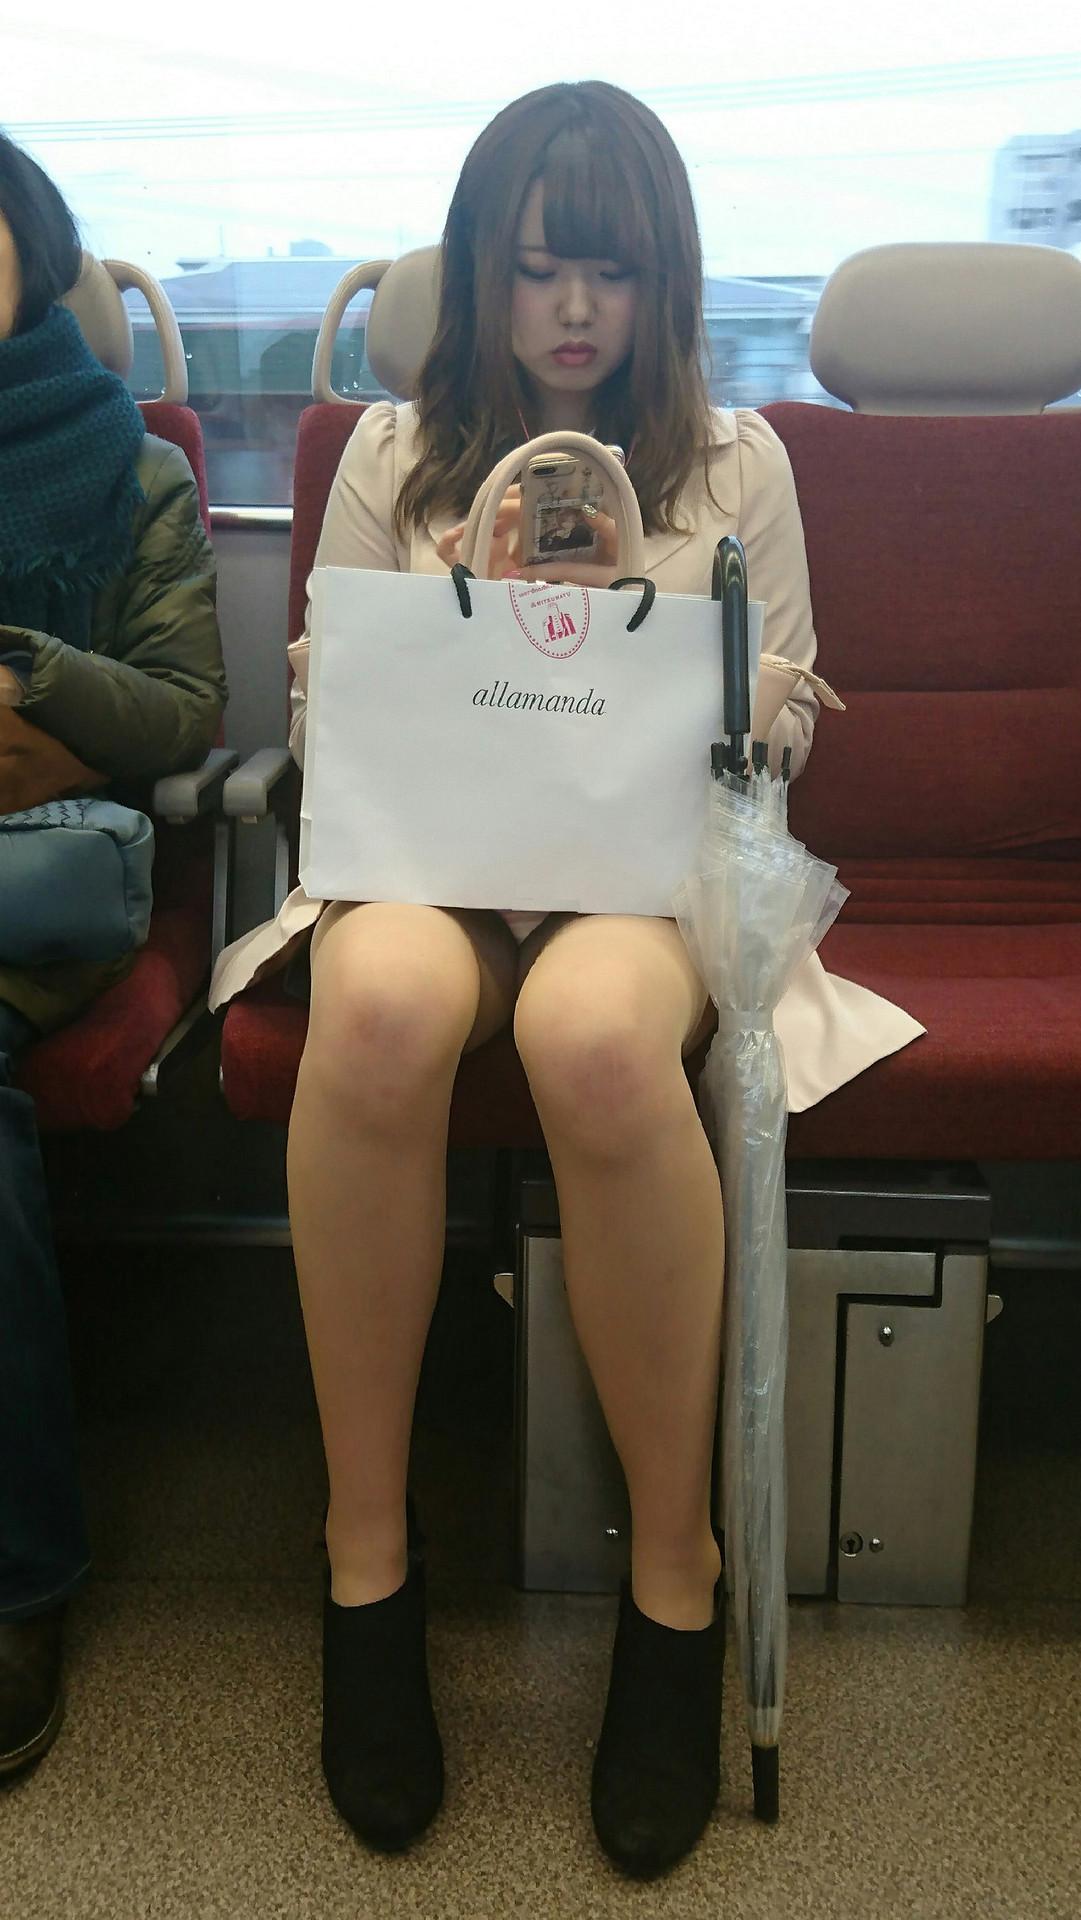 足の美しい美女のパンチラを隠し撮り!